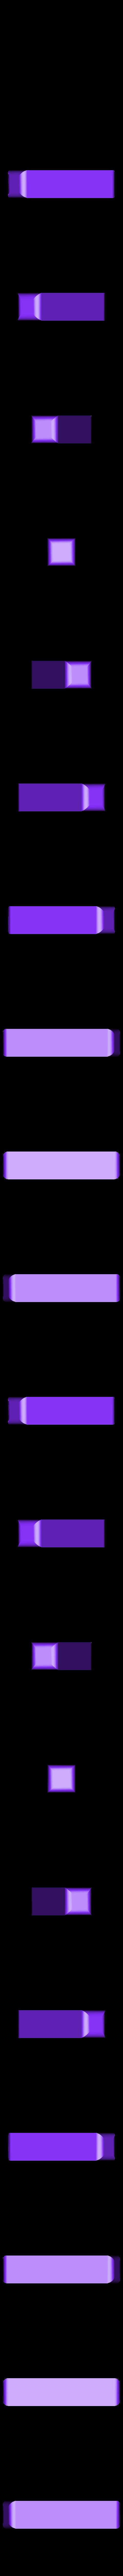 RodPin.STL Télécharger fichier STL gratuit La baguette de Marco • Plan pour imprimante 3D, Vexelius